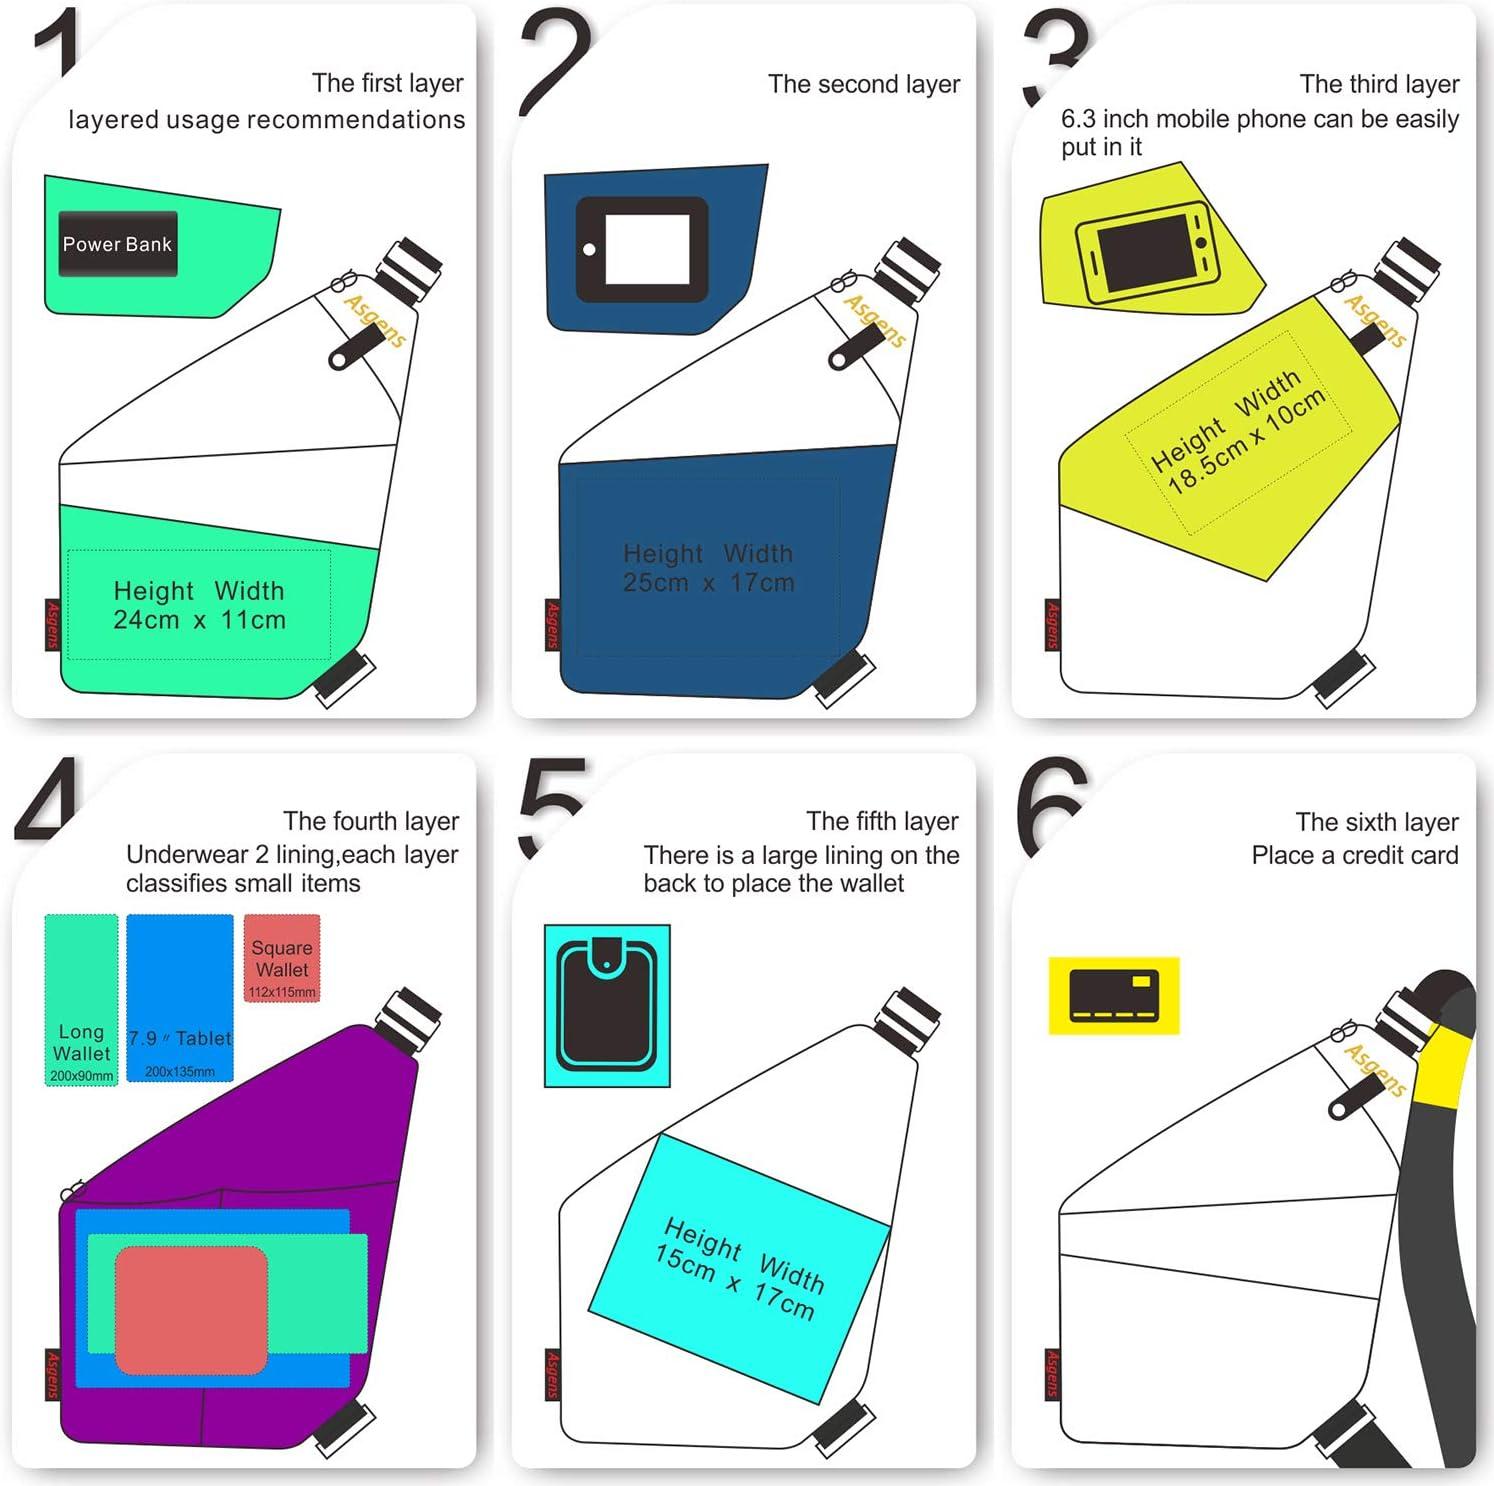 Gris//Pour G Asgens Multi-usage anti-vol Sac de s/écurit/é cach/é Sous-bras Soutien-gorge /à /épaule Messenger Bag Sports Sac /à poitrine Sac /à dos portatif pour t/él/éphone Money Passport Tactical Bag